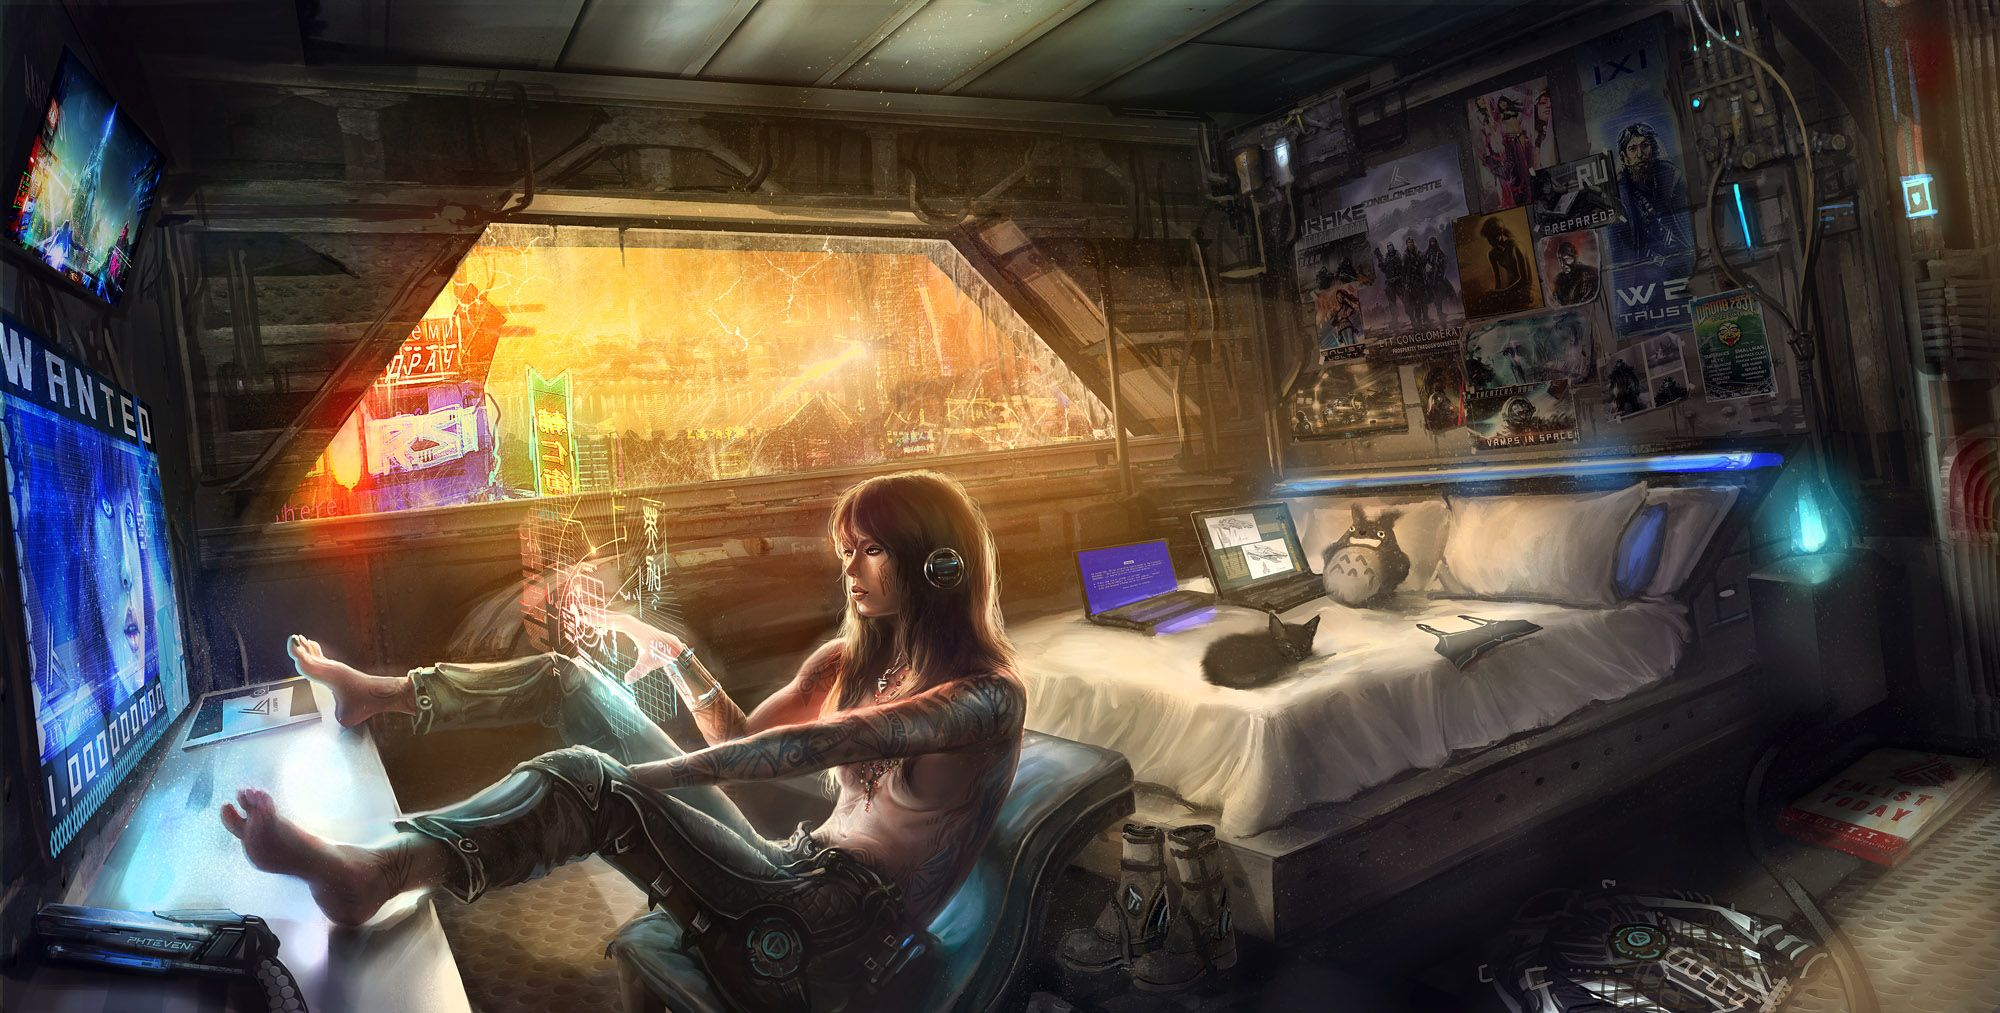 Girl in a cyberworld [xpost r/wallpaper] | Cyberpunk, Sci